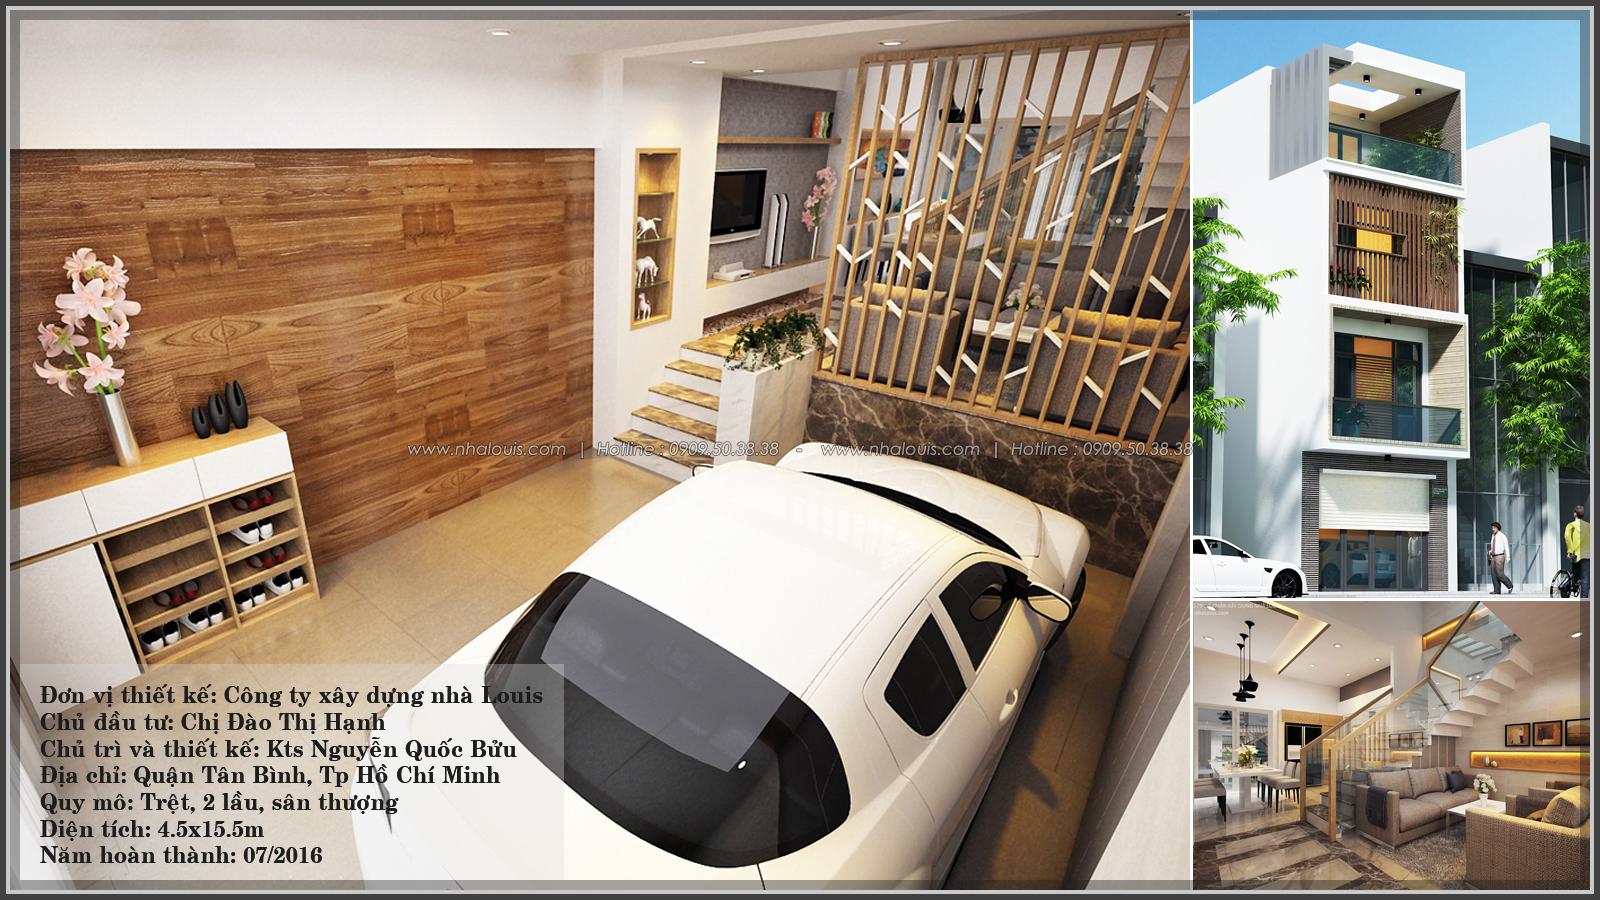 Thiết kế nhà lệch tầng hiện đại mặt tiền 4.5m x 14.5m tại quận Tân Bình - 01